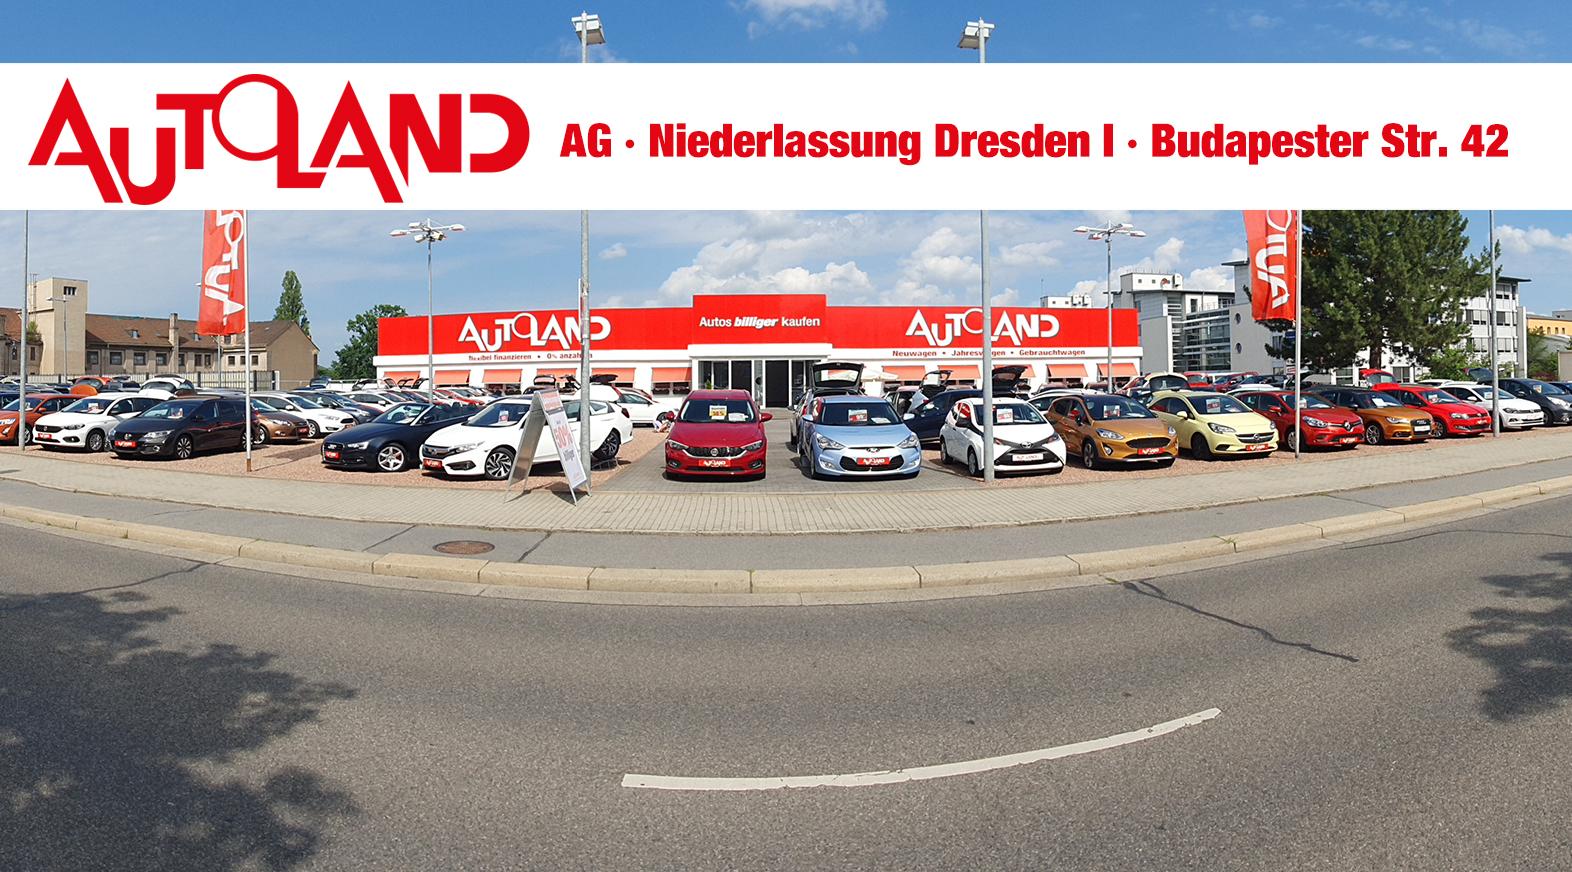 Autoland AG Niederlassung Dresden I